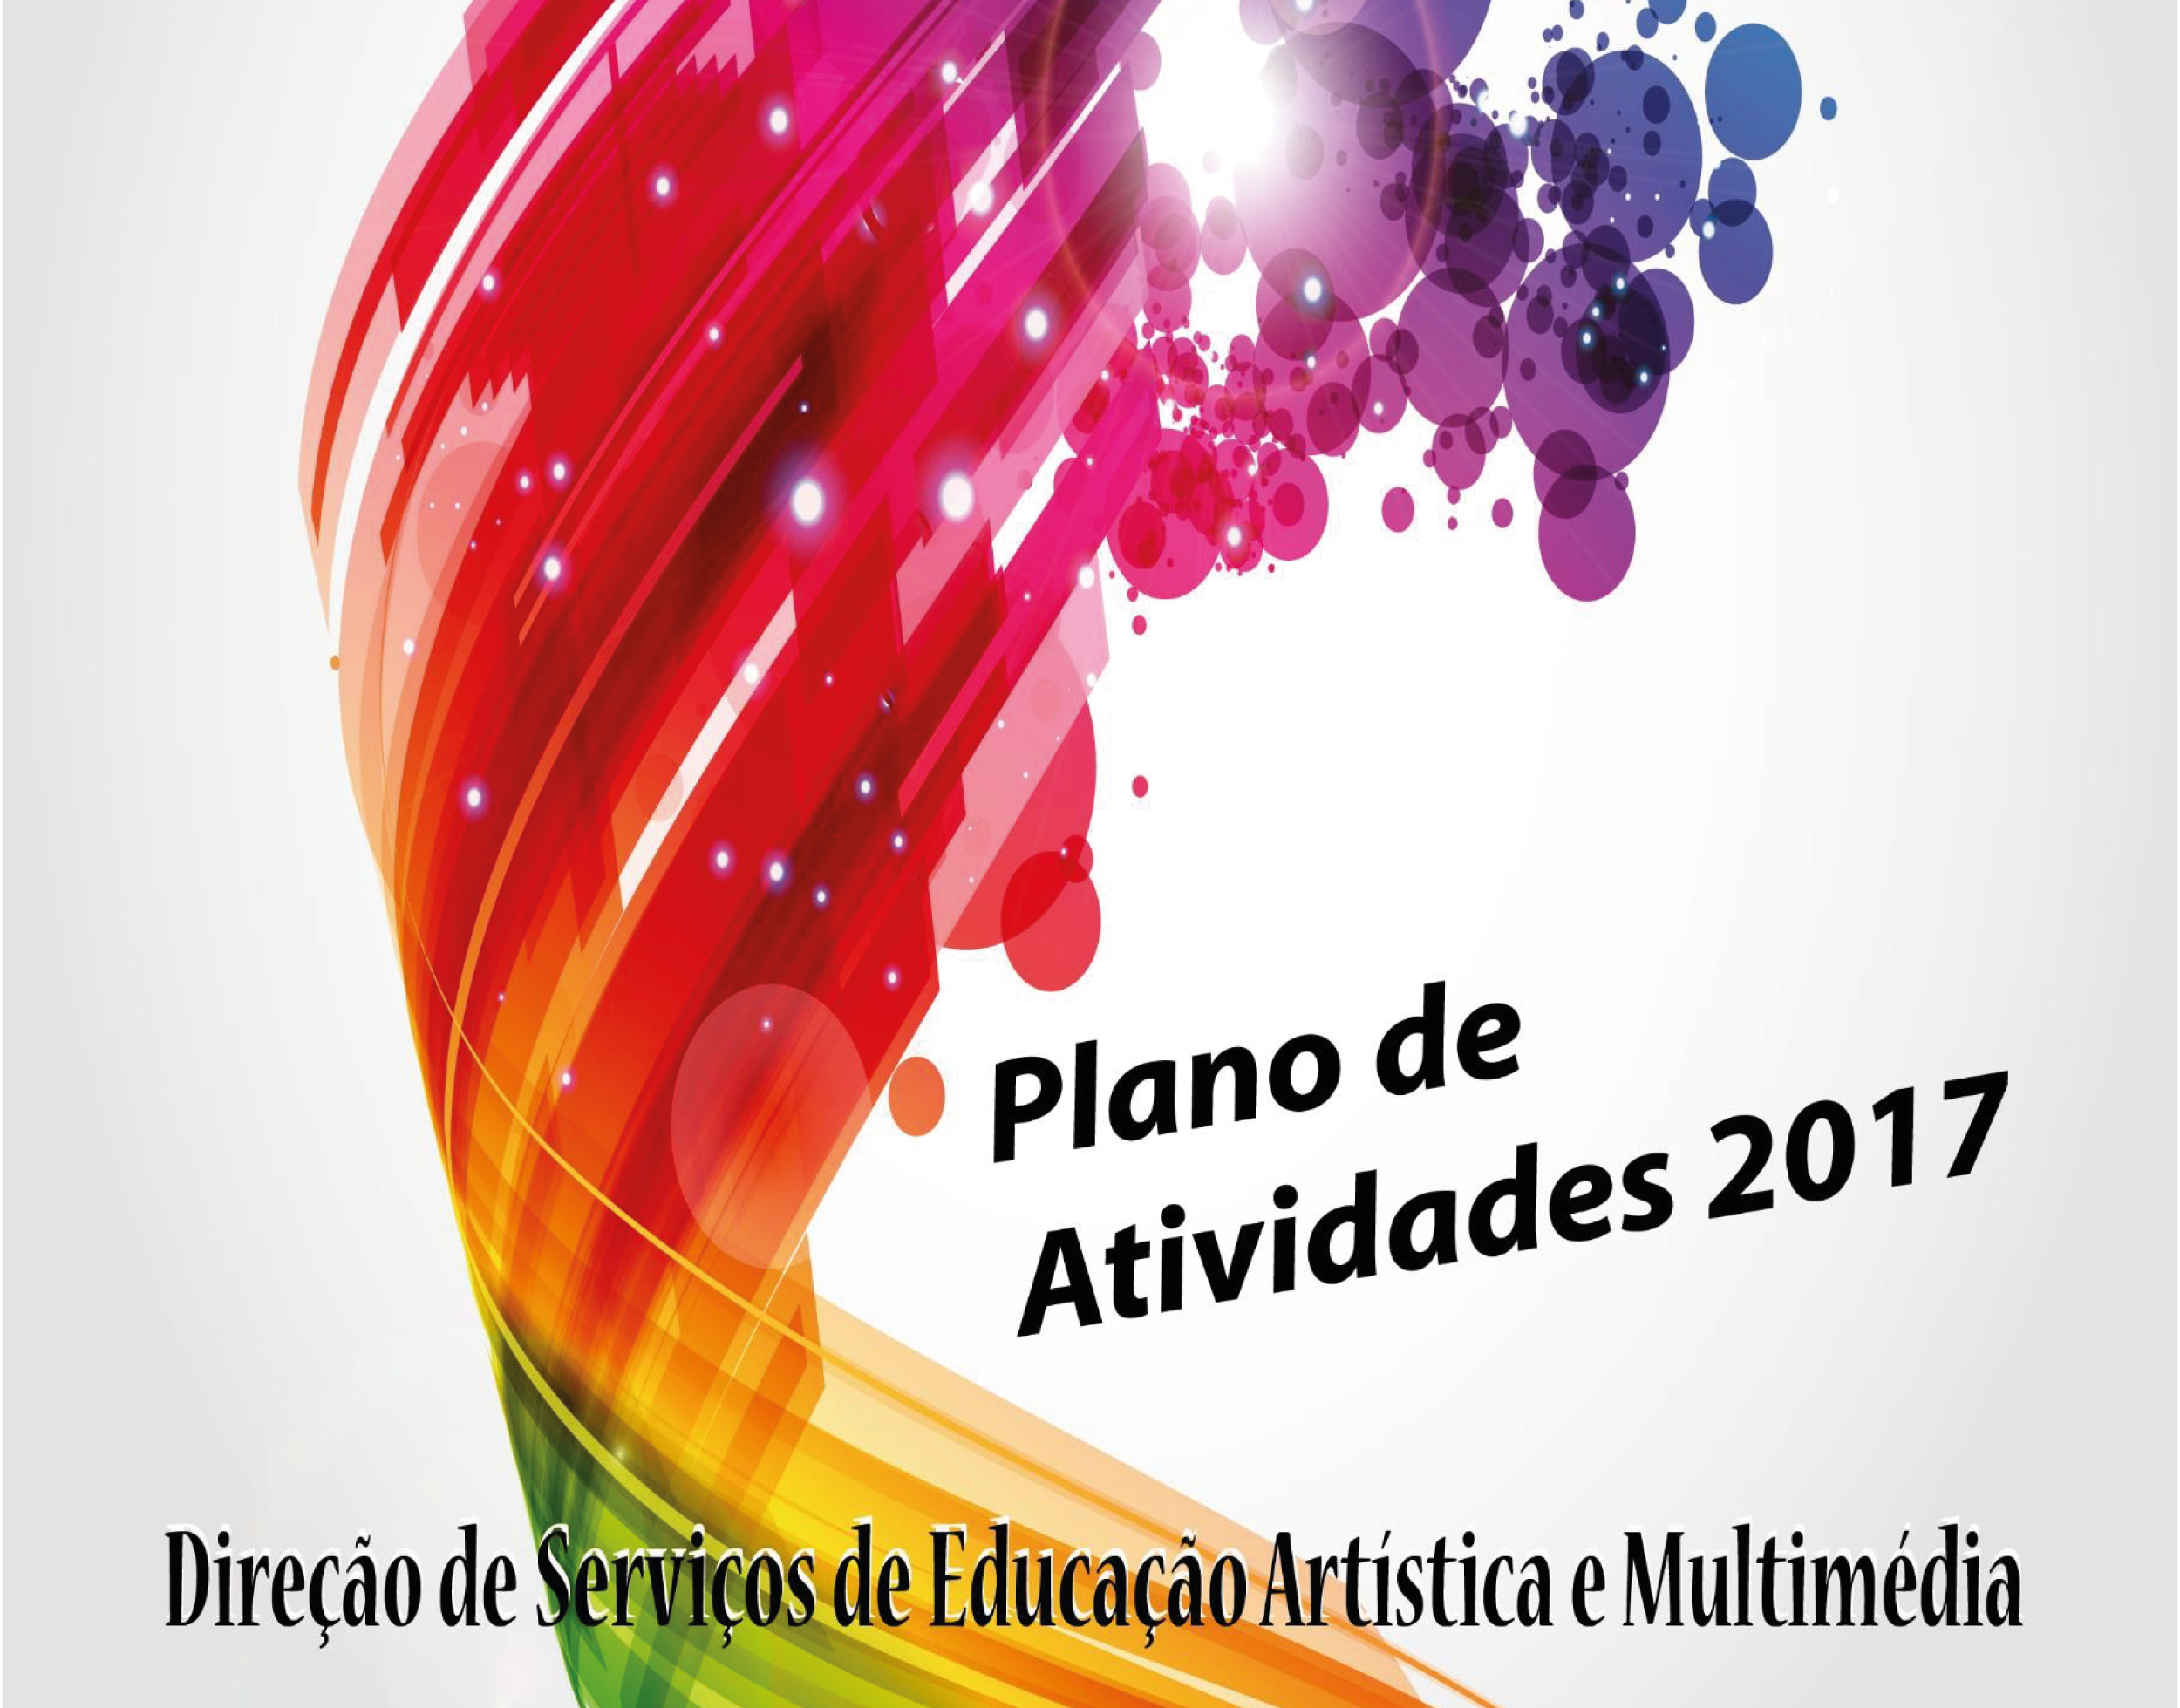 Plano de Atividades 2017